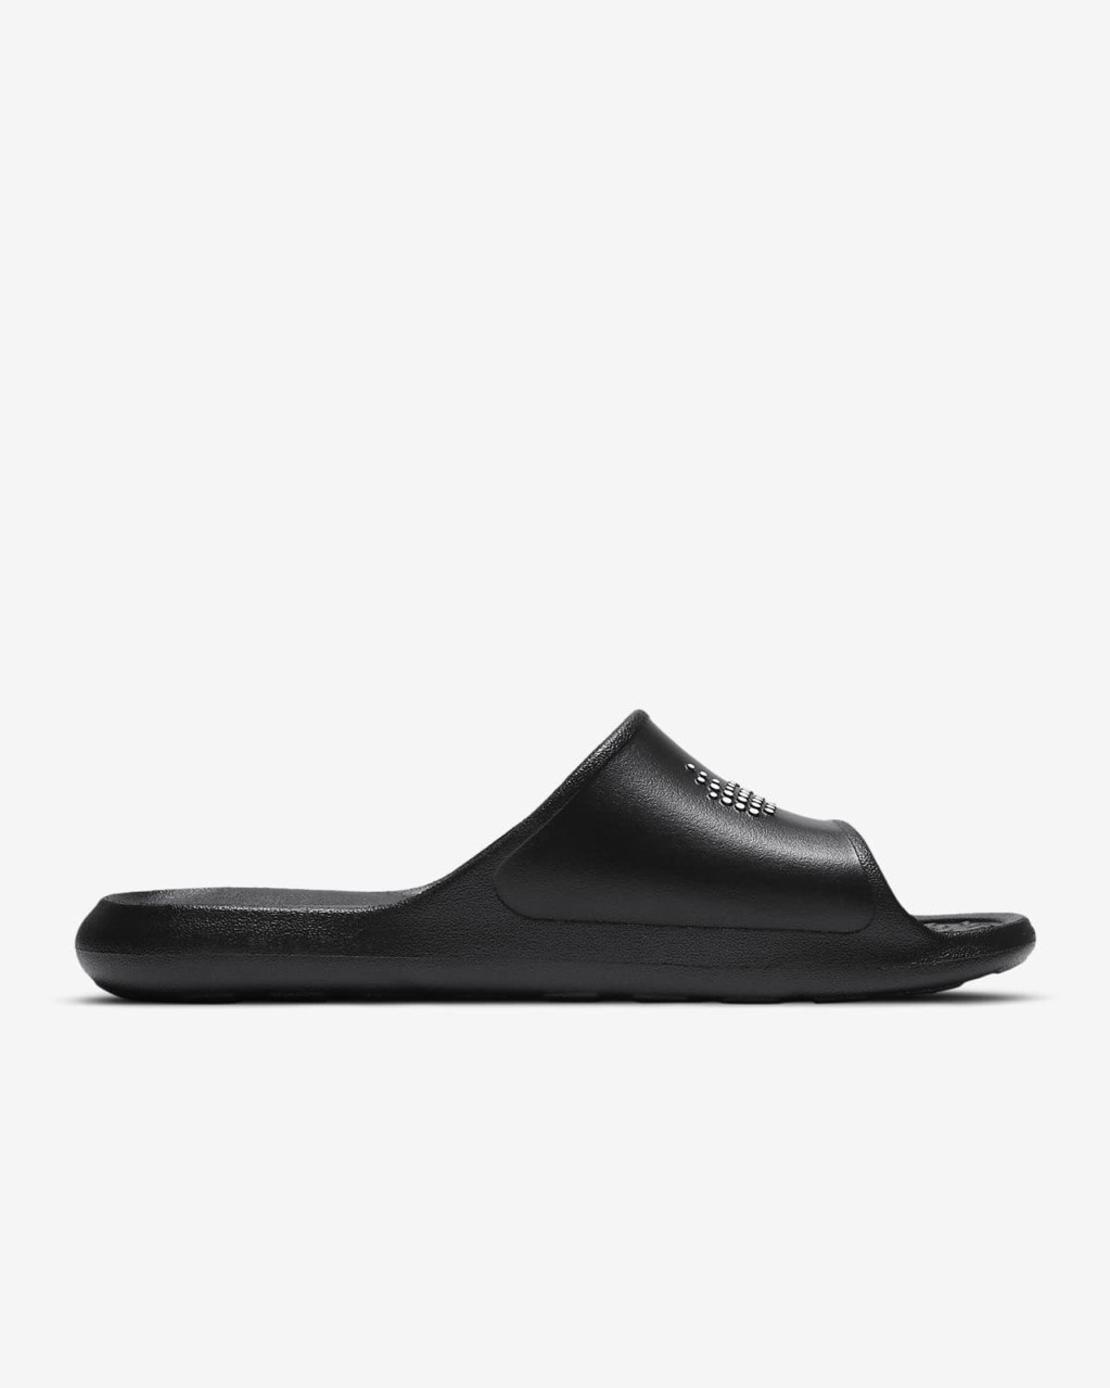 כפכף נייק גברים | Nike Victori One Men's Shower Slide